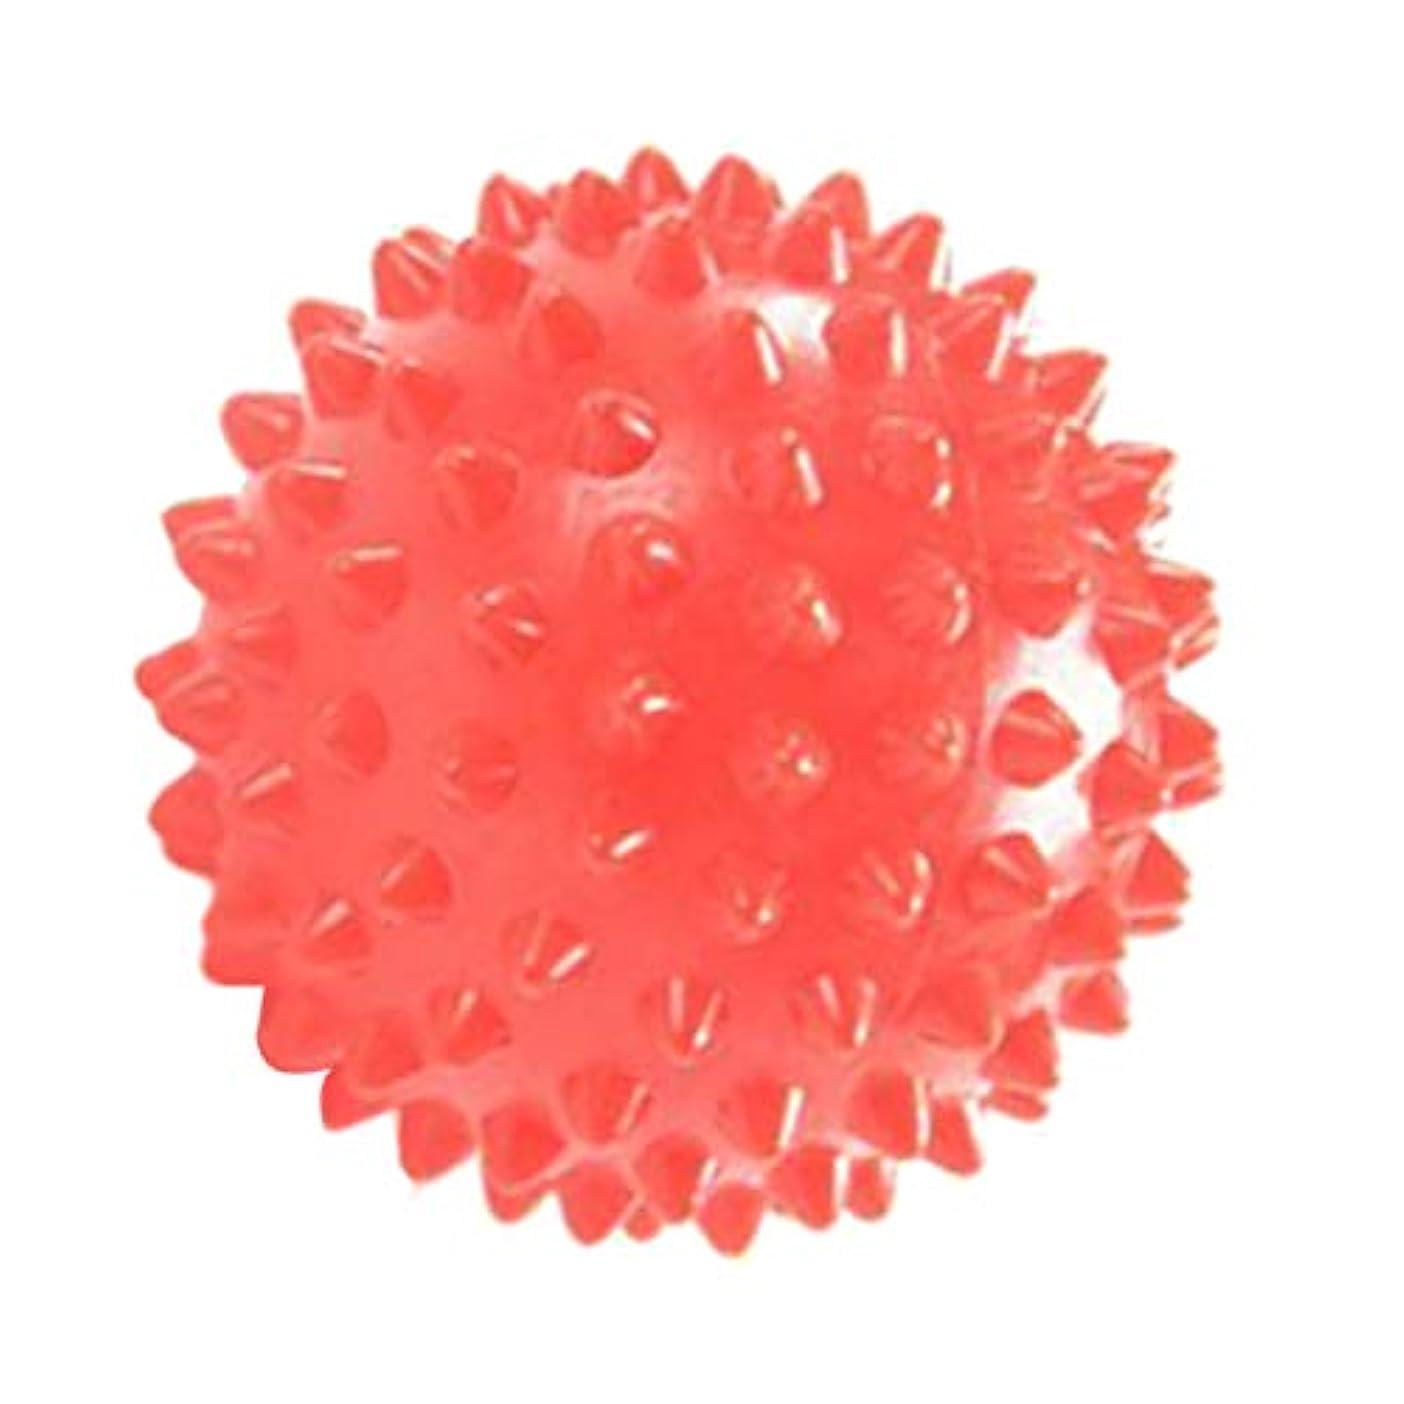 正当化する養う肯定的dailymall マッサージボール 触覚ボール リフレクションボール 指圧ボール ツボ押し 筋膜リリースヨガ 7cm